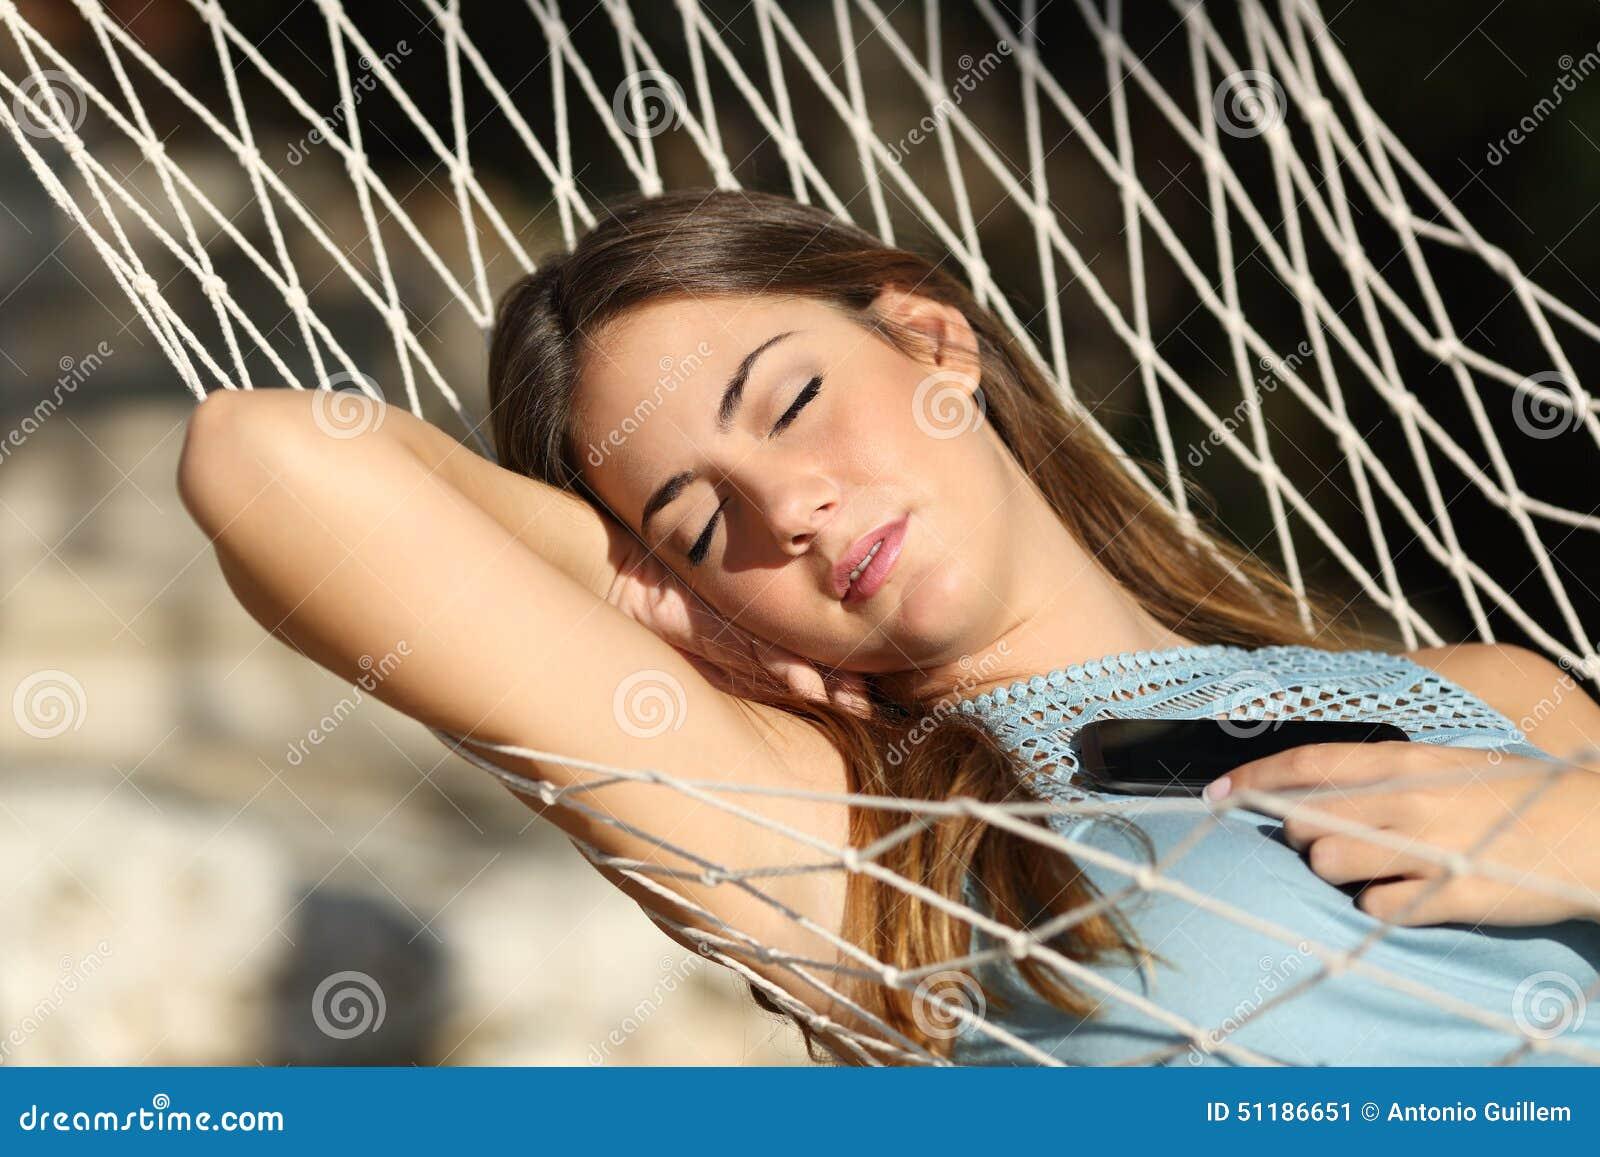 Femme dormant et se reposant sur un hamac